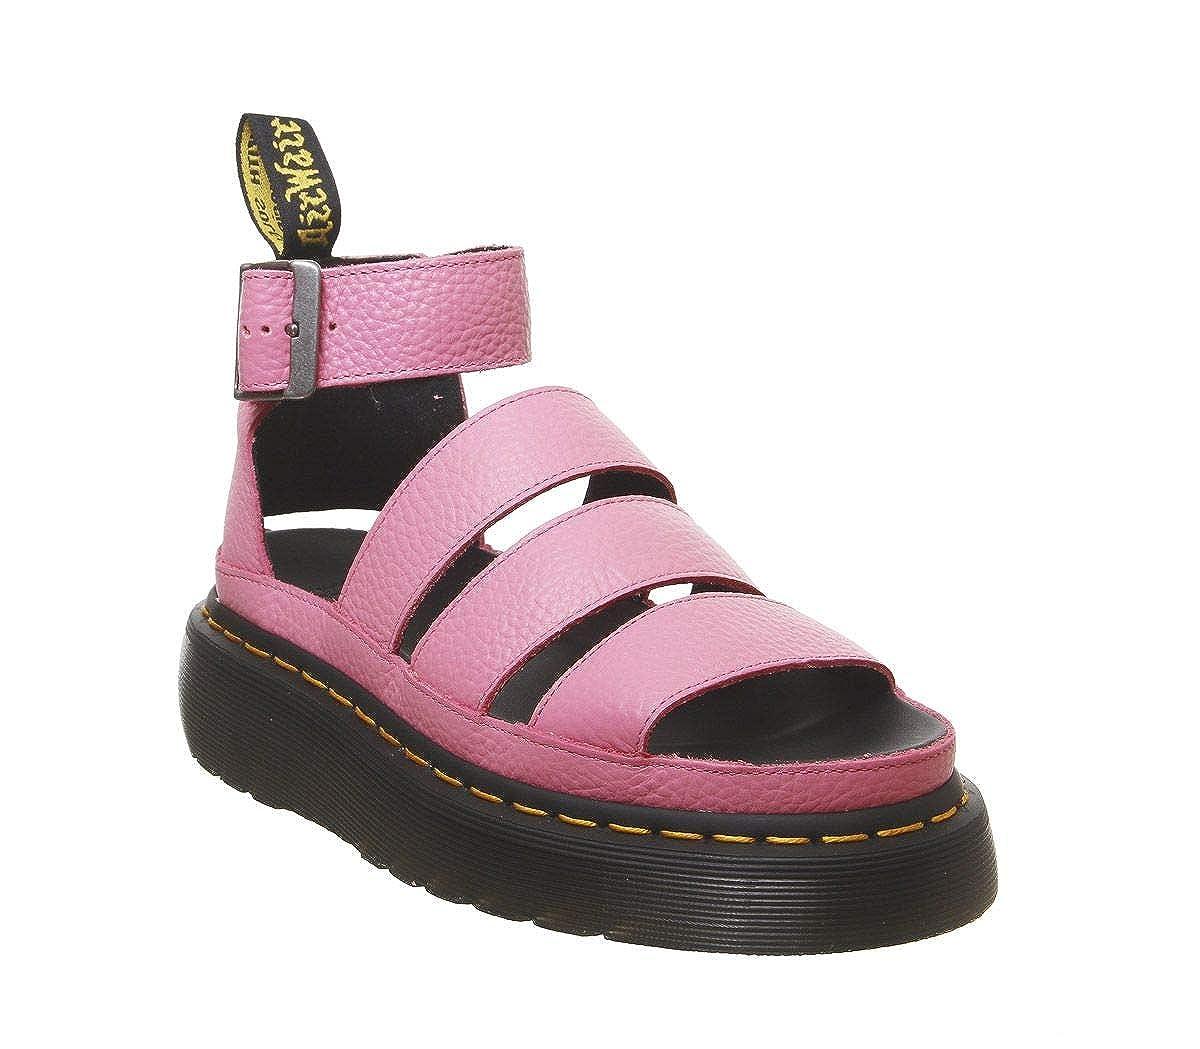 Clarissa Women's Sandals Quad Ii DrMartens Nk0n8wOPX